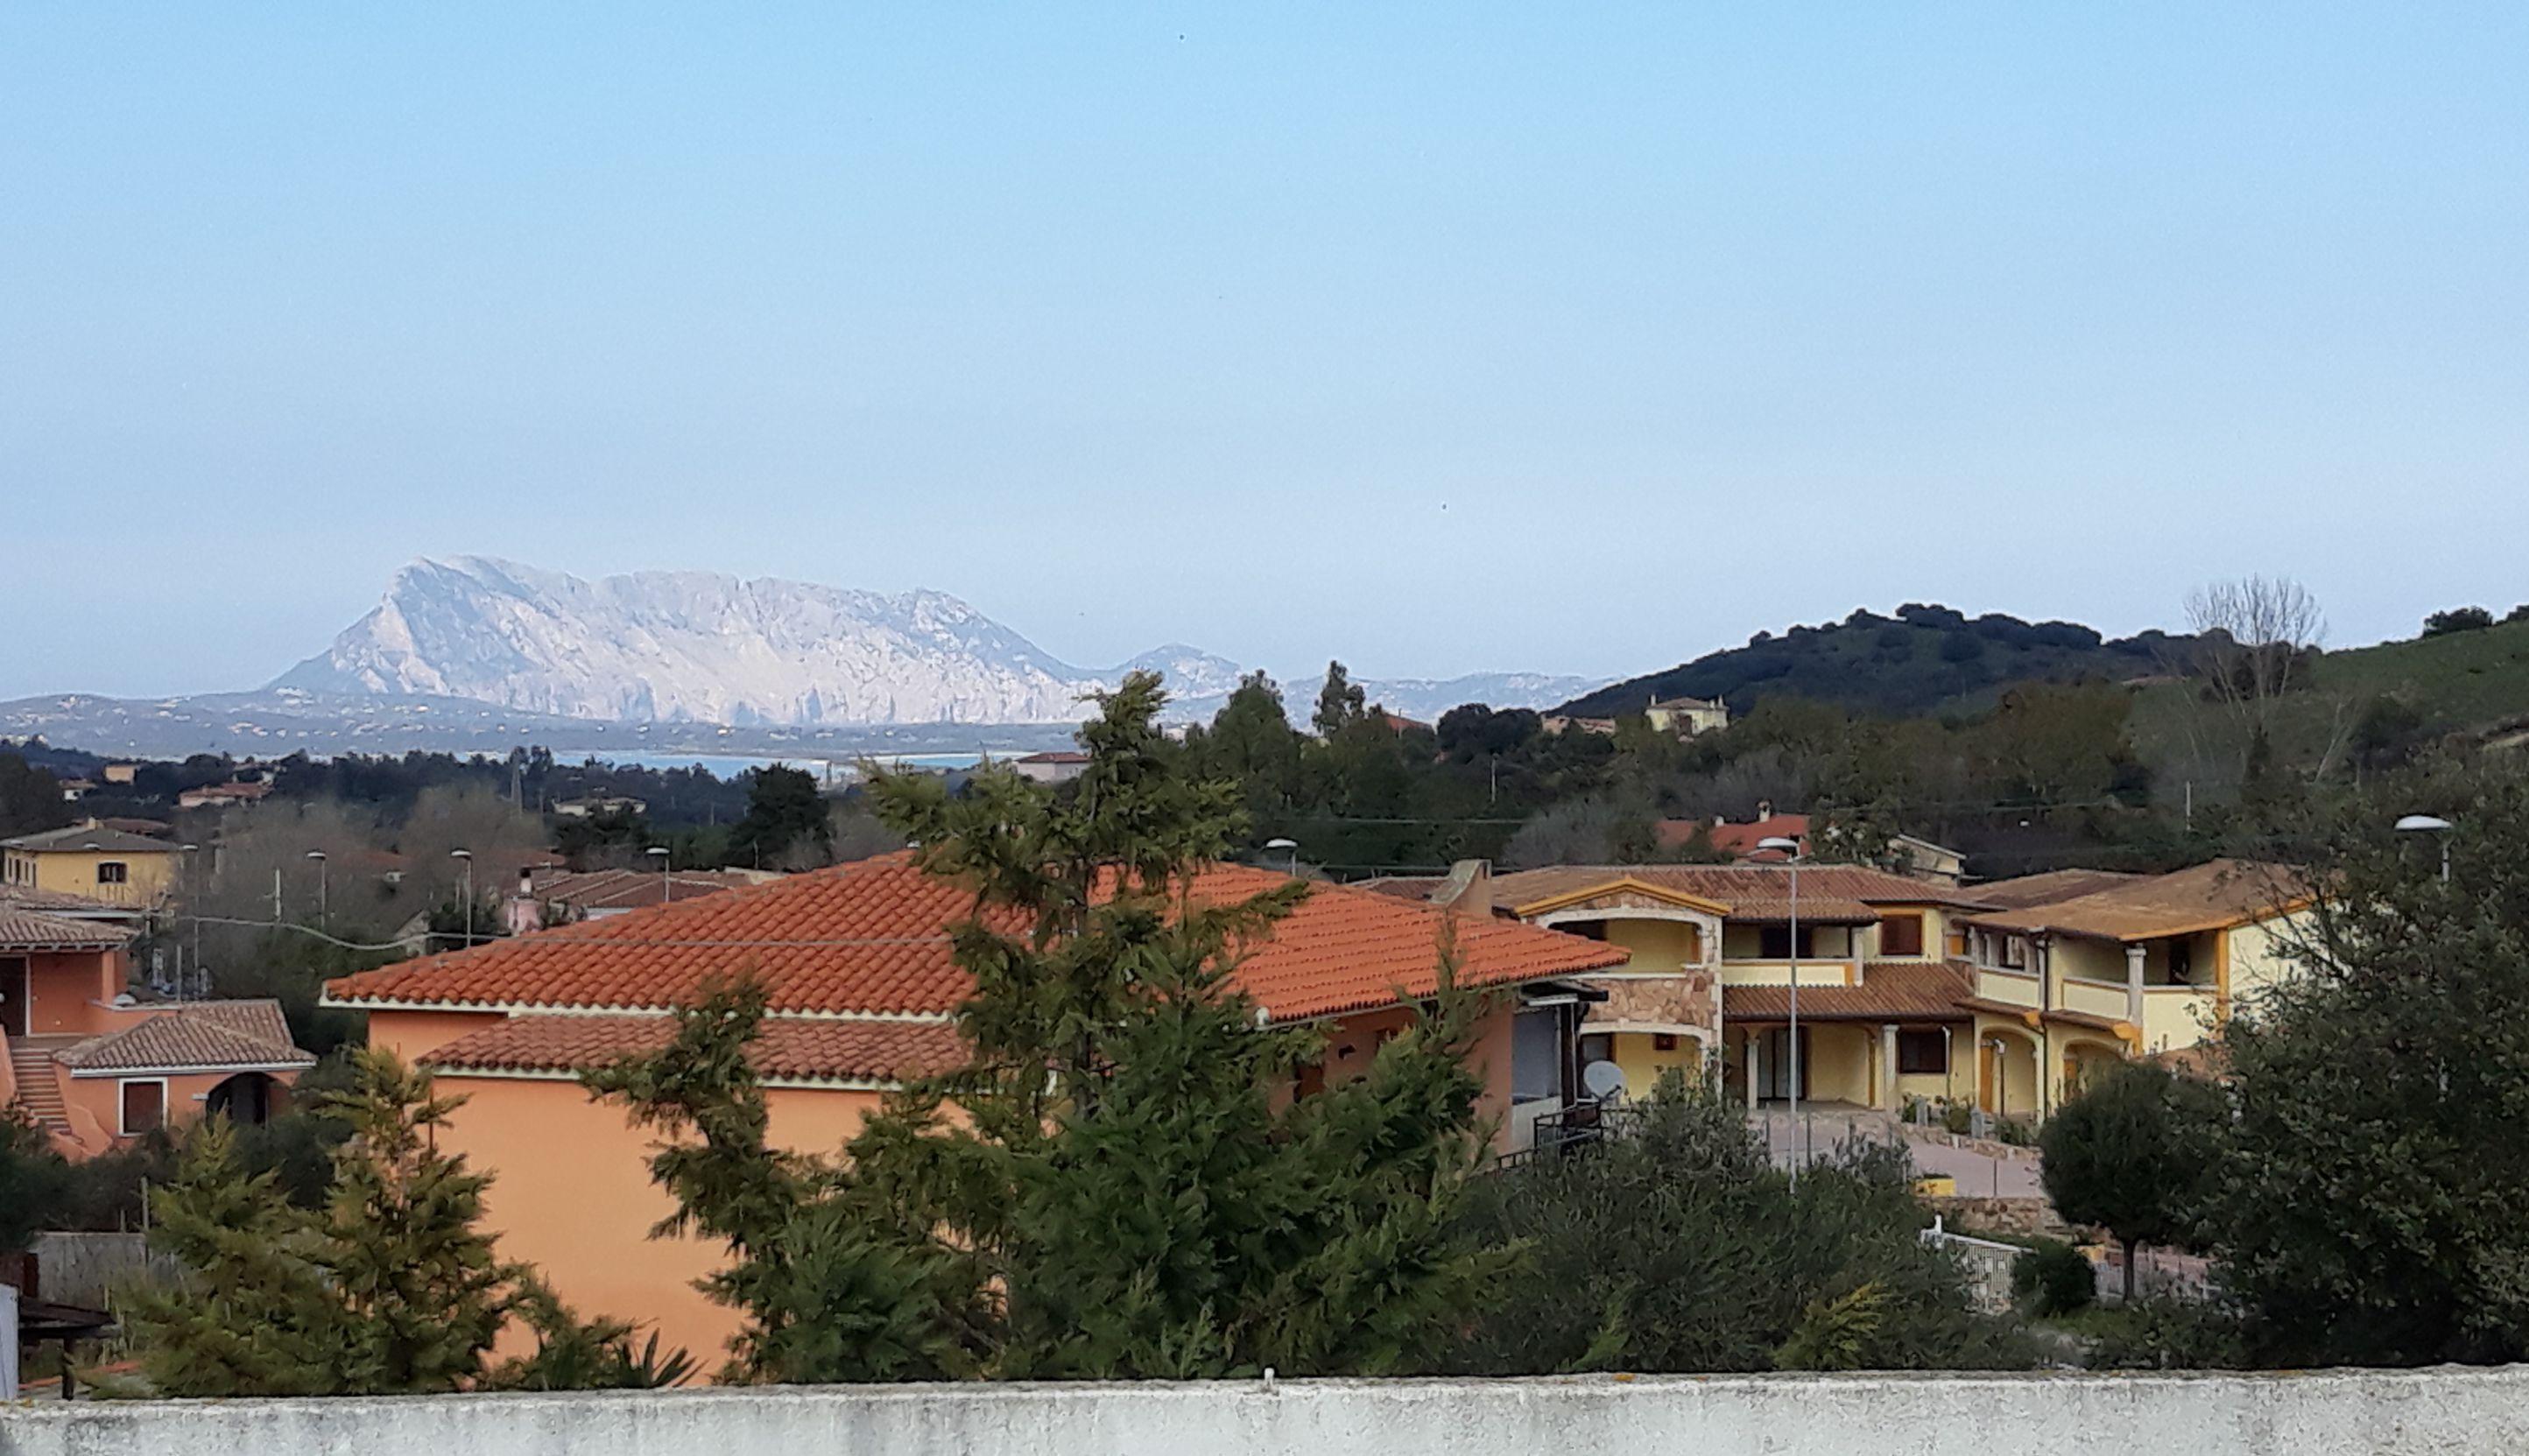 Sardegna Affitto Camere - San Teodoro